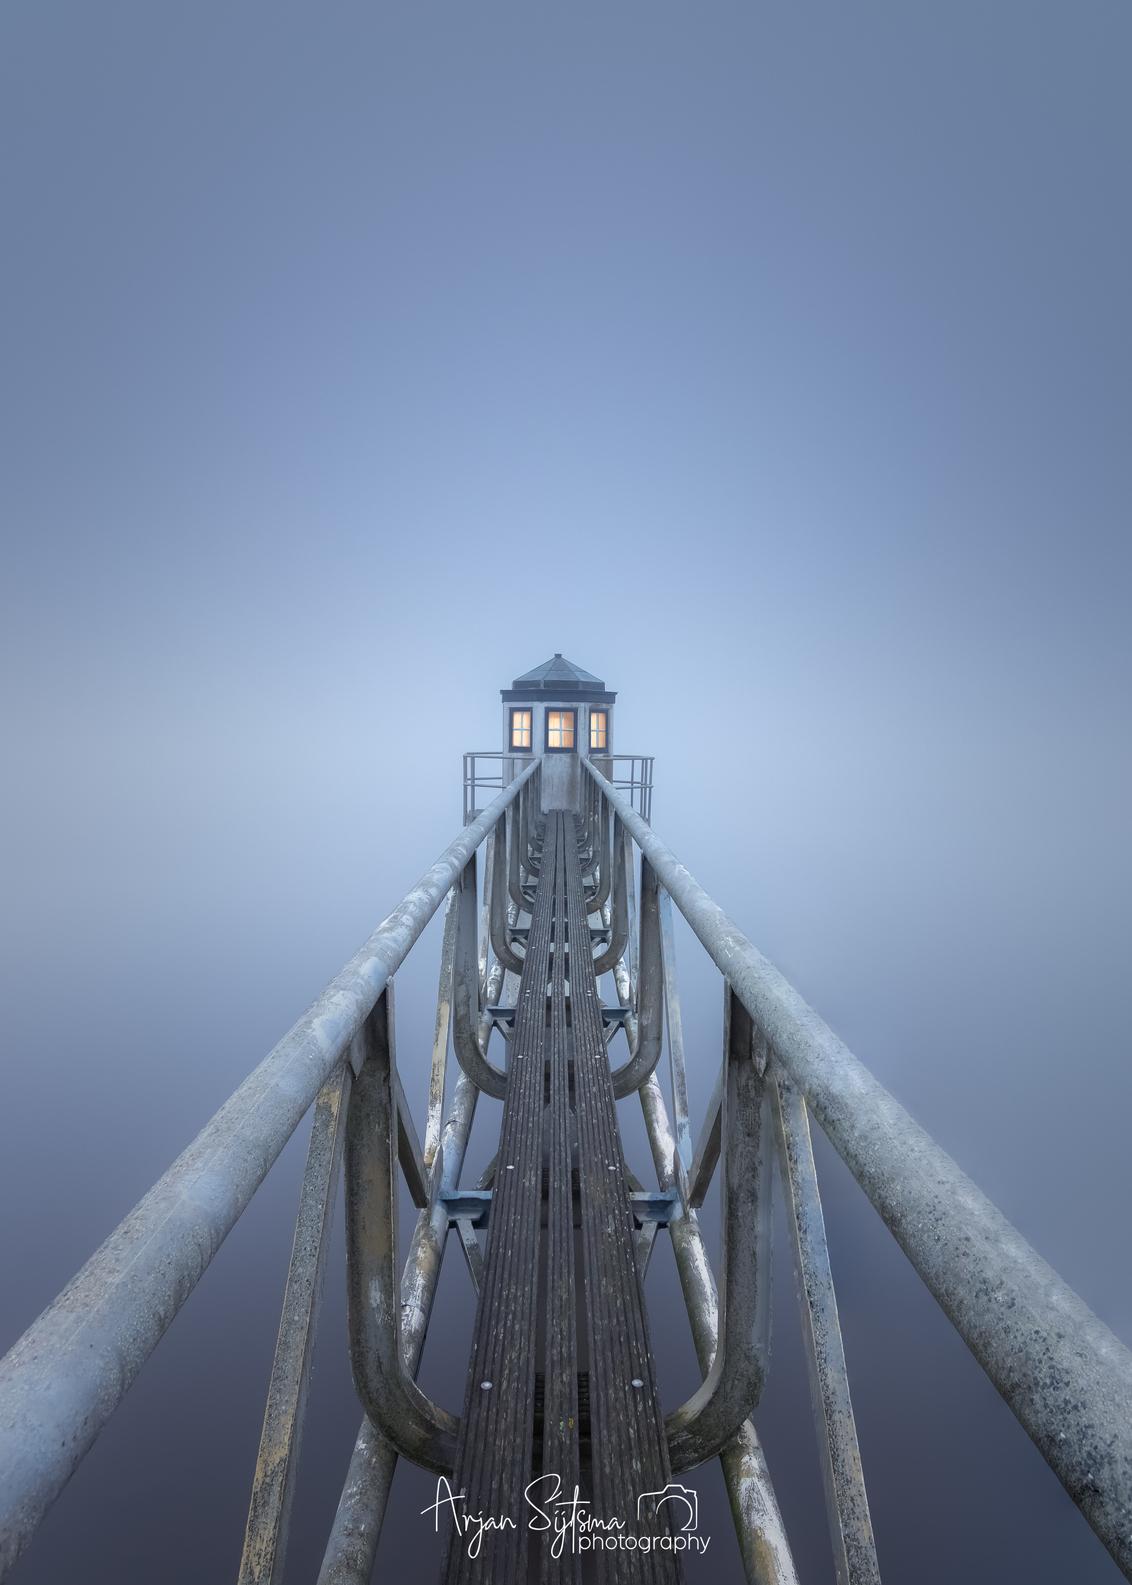 Minimalistisch Lauwersmeer - Op 27 februari '21 was het hier in het noorden een heel klein wereldje. Overal zat het potdicht door hardnekkige mist. Perfect weer om mooie minimali - foto door ArjanSijtsma op 25-03-2021 - deze foto bevat: lucht, wolken, blauw, zee, water, vuurtoren, natuur, licht, ochtend, winter, lijnen, landschap, mist, tegenlicht, zonsopkomst, meer, haven, brug, kust, dauw, lauwersmeer, grijs, friesland, ochtendlicht, diepte, lichtinval, oostmahorn, peilschaal, fryslan, minimalistisch, lange sluitertijd, long exposure, kleine wereld, dichte mist, potdicht